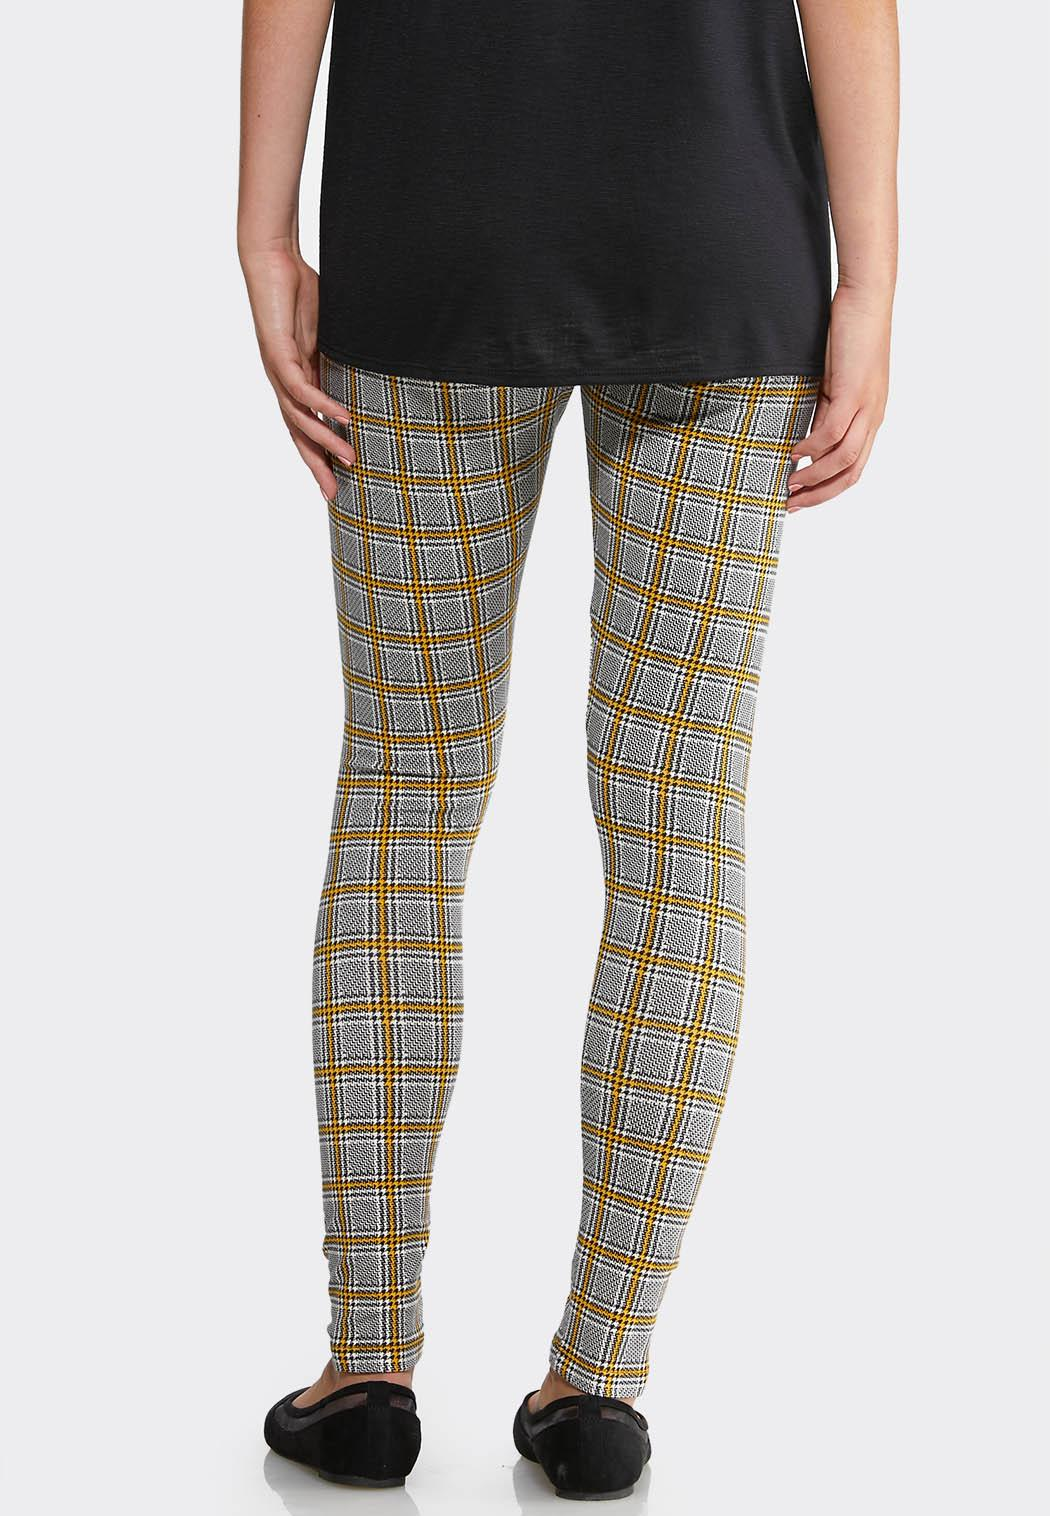 Yellow Plaid Leggings (Item #43919371)